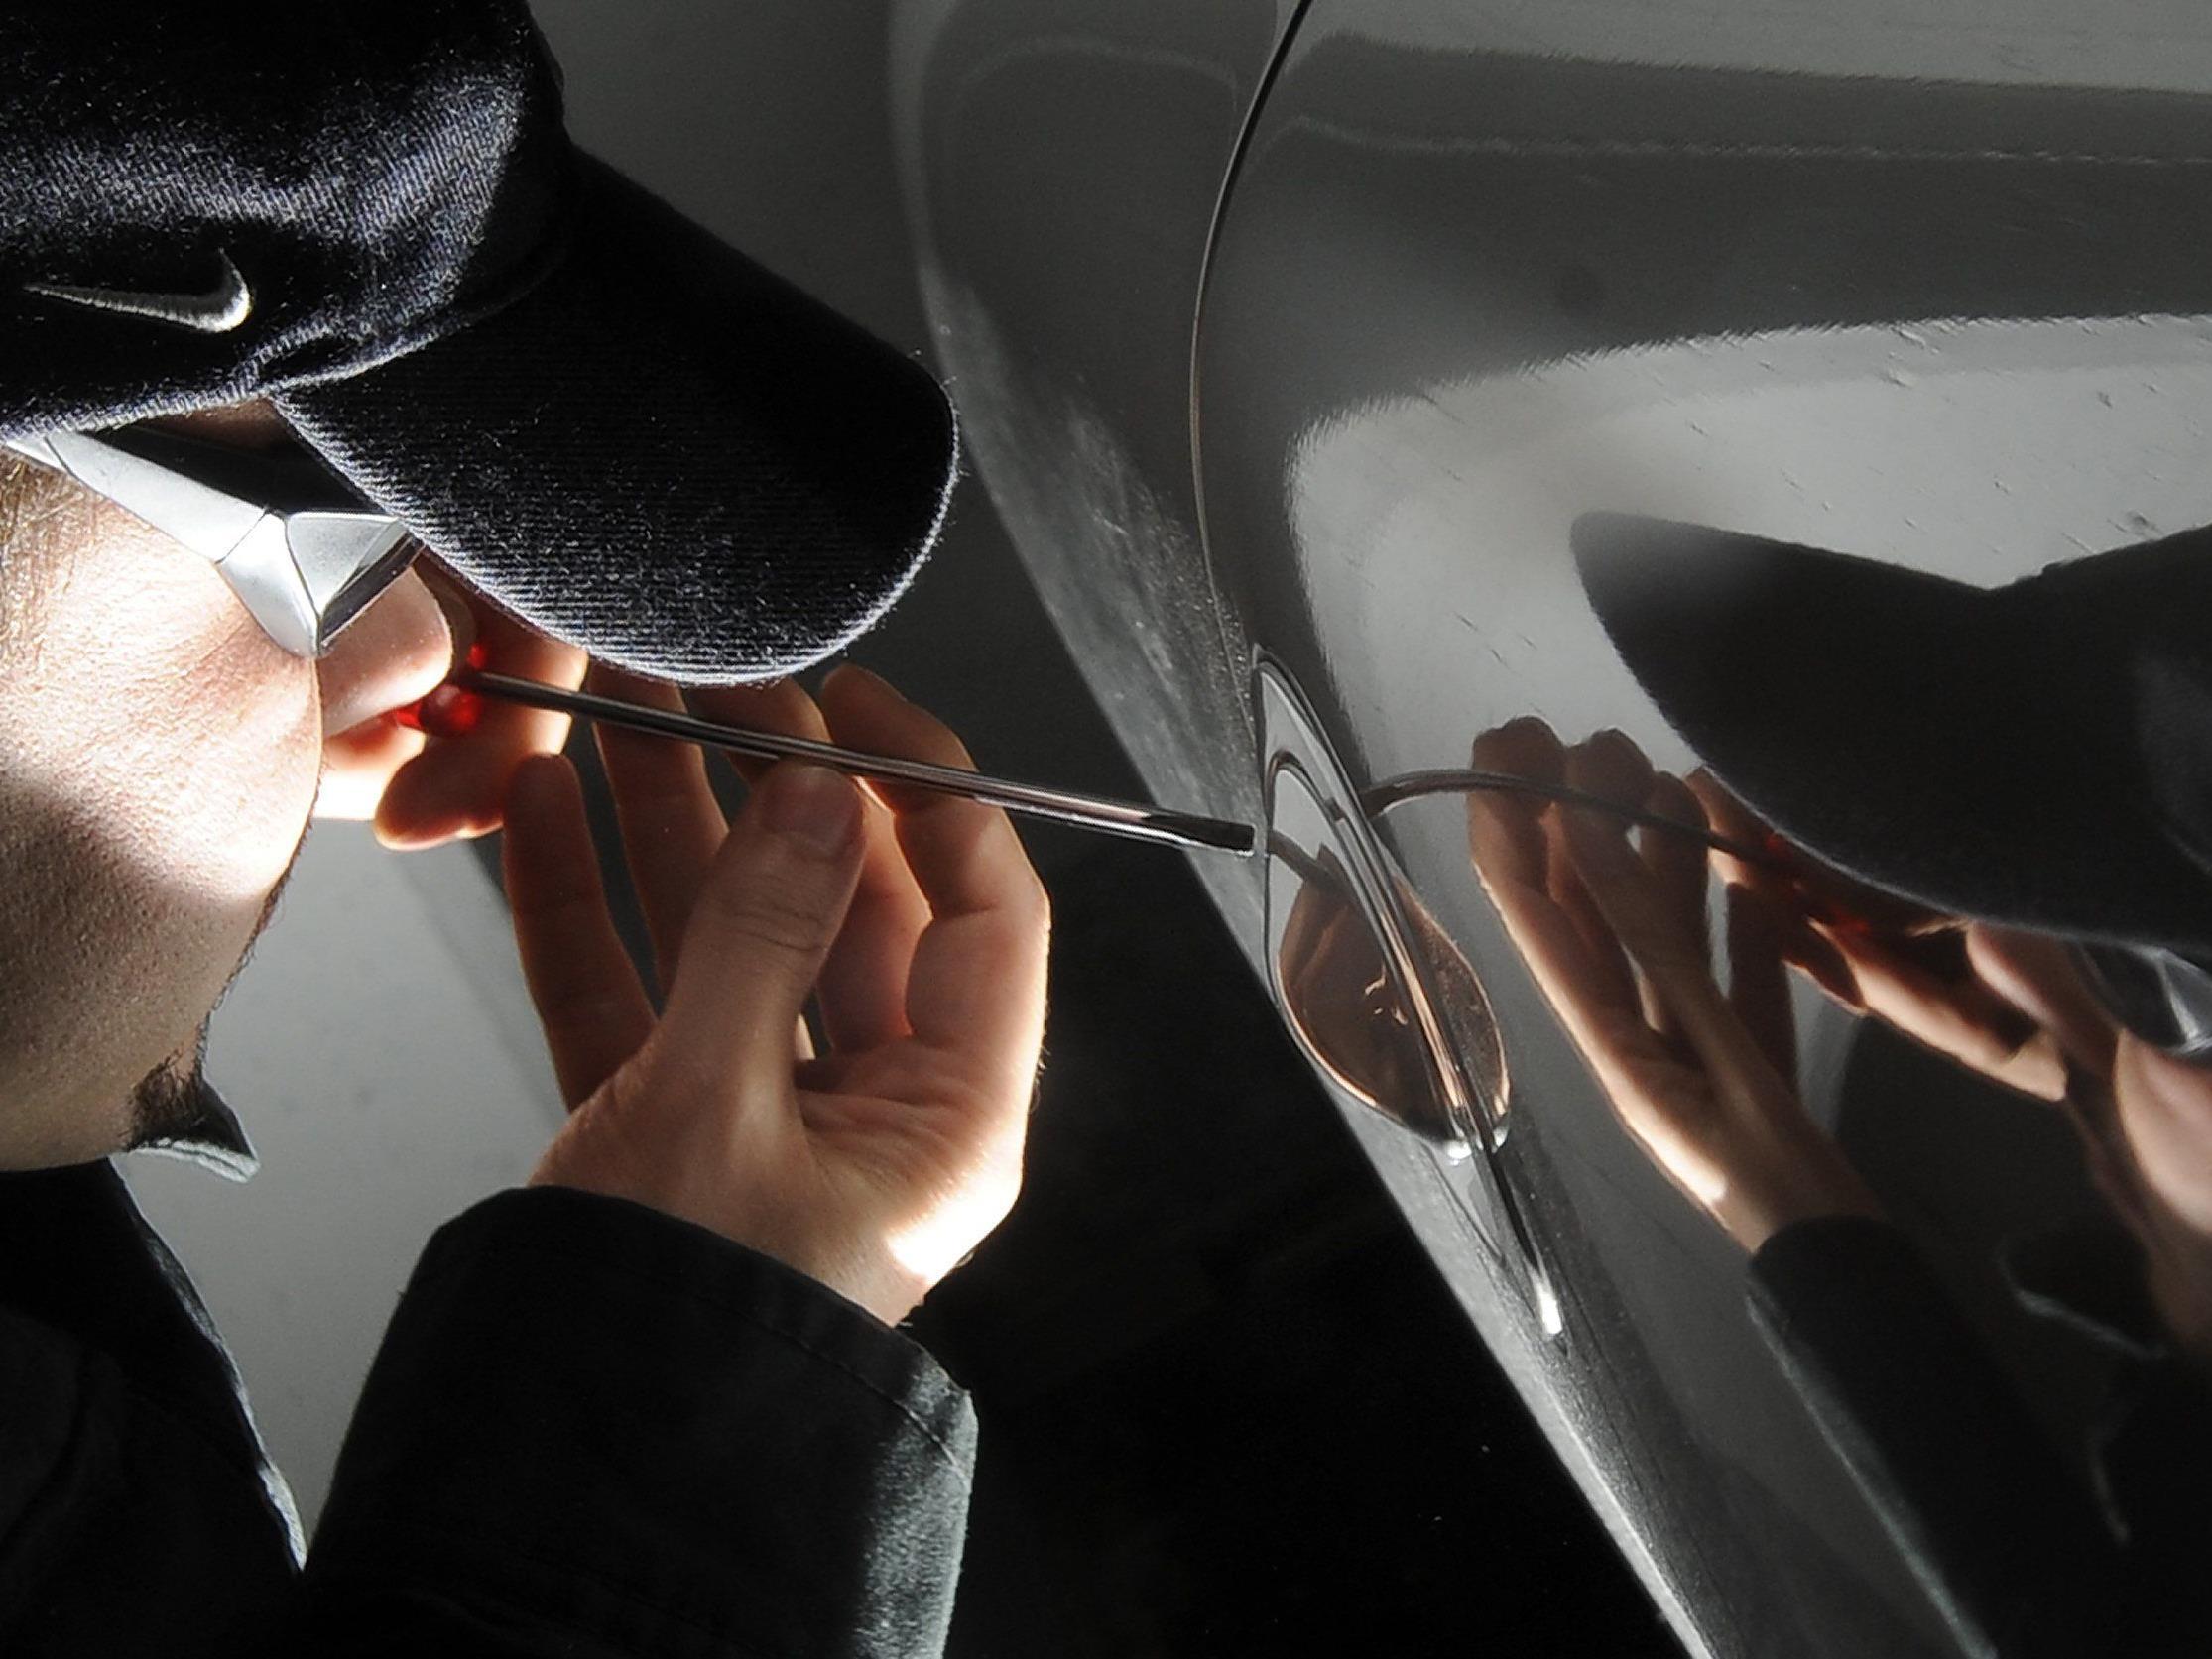 Aufmerksame Passanten erwischten einen PKW-Einbrecher auf frischer Tat.